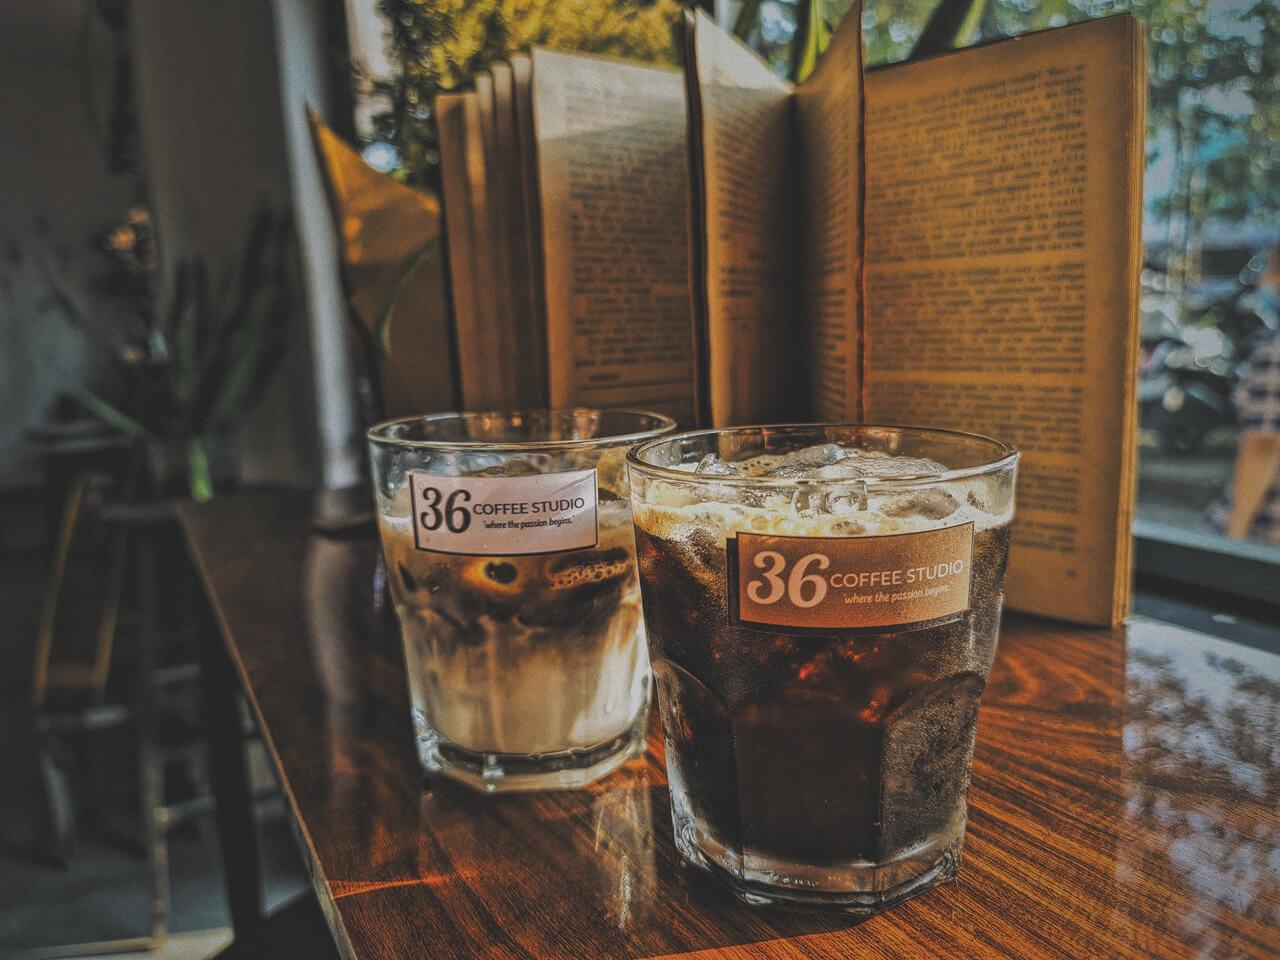 Món cà phê hấp dẫn ở 36 Coffee Studio Cần Thơ